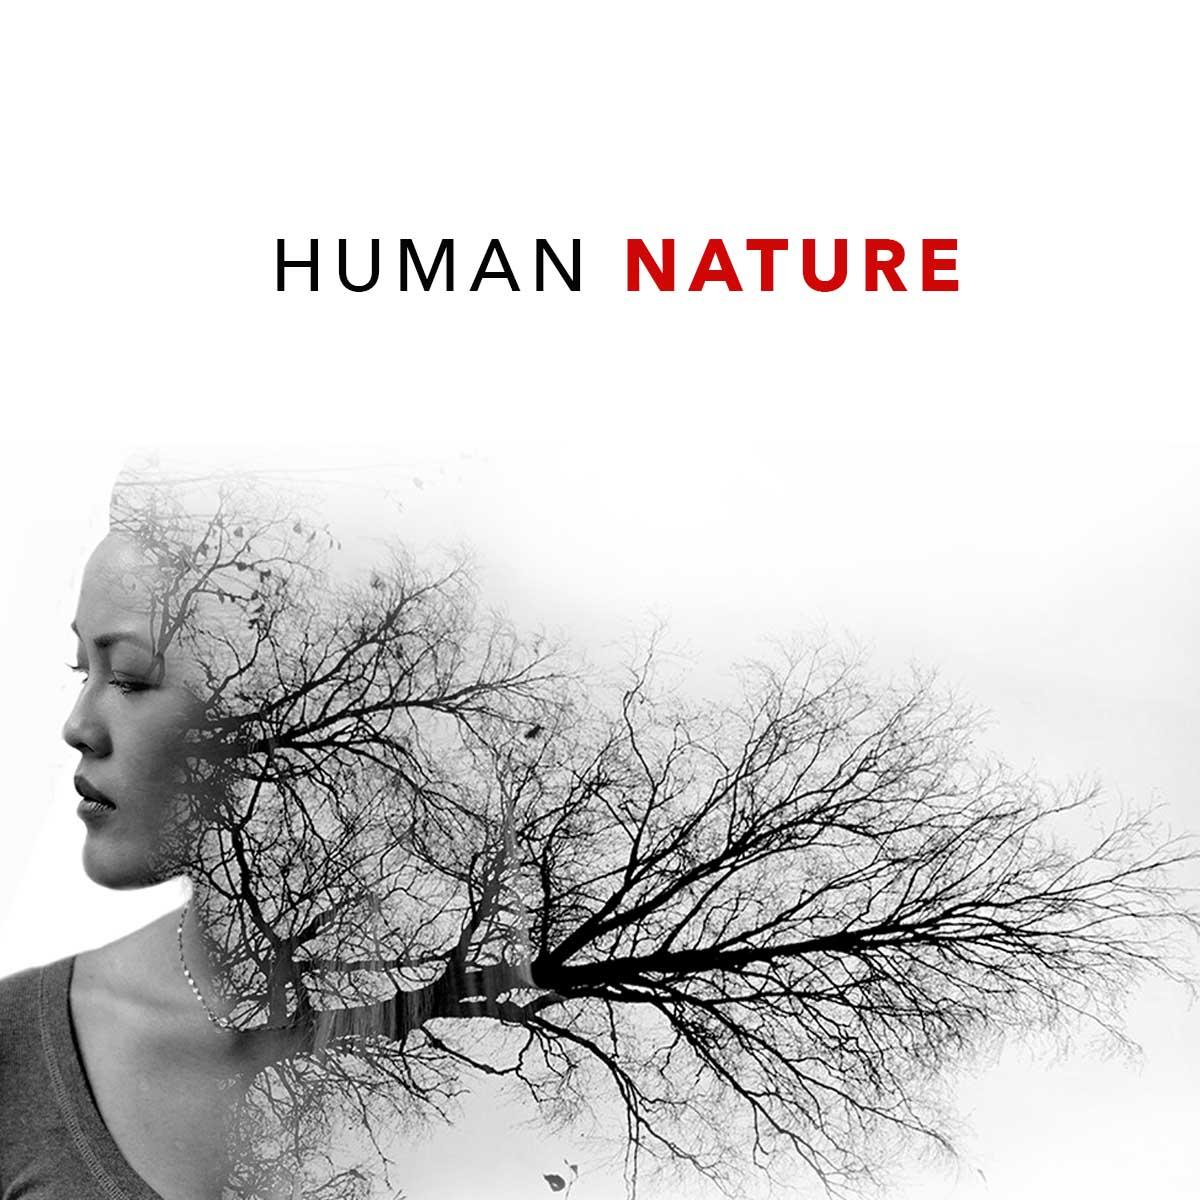 Human Nature sqaure (website).jpg